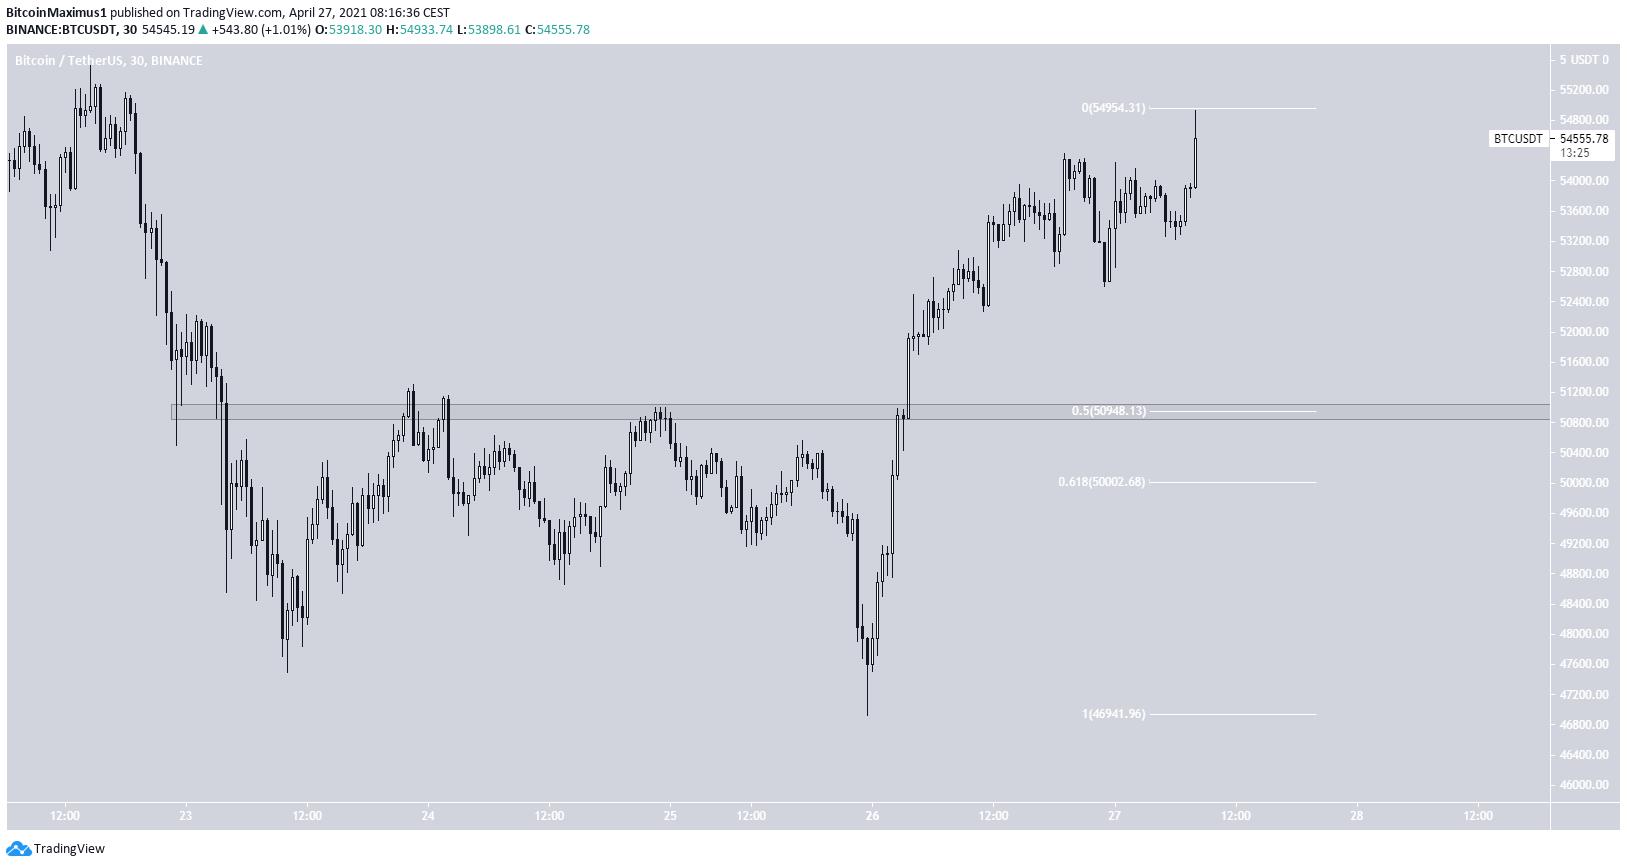 BTC Short-Term биткоин